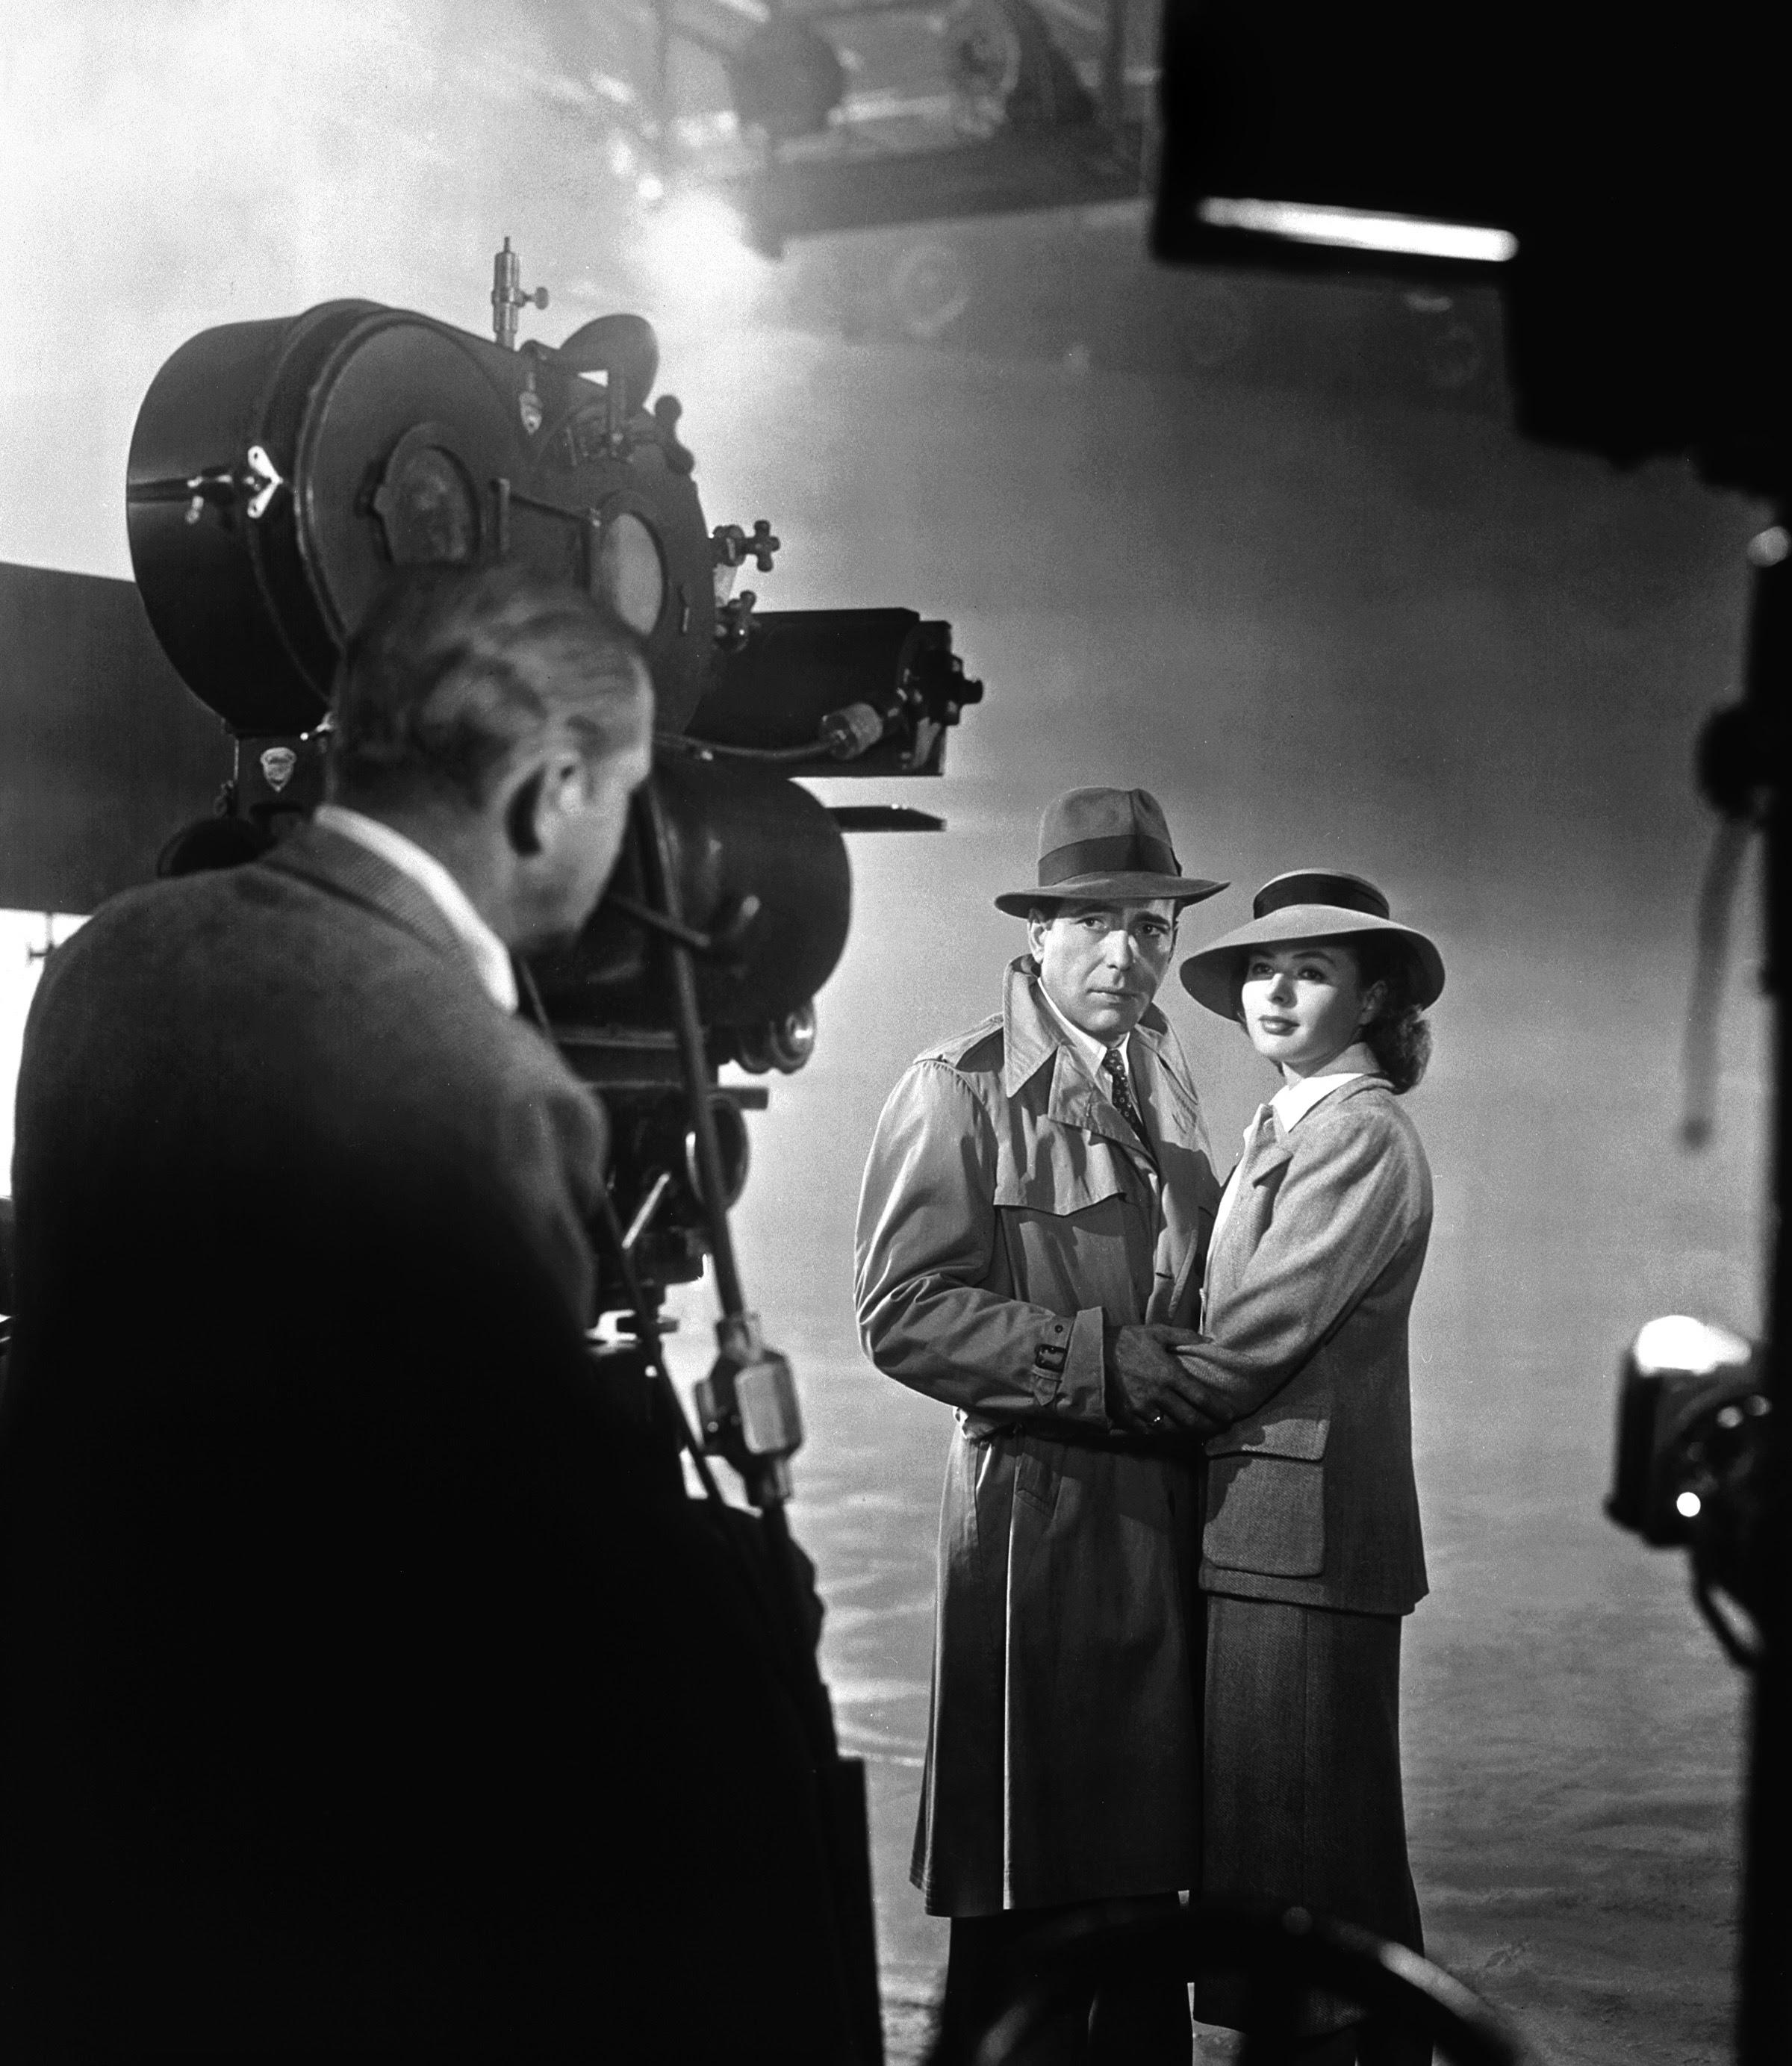 photo tournage coulisse cinema Casablanca 37 Photos sur des tournages de films #2  photo featured cinema 2 bonus